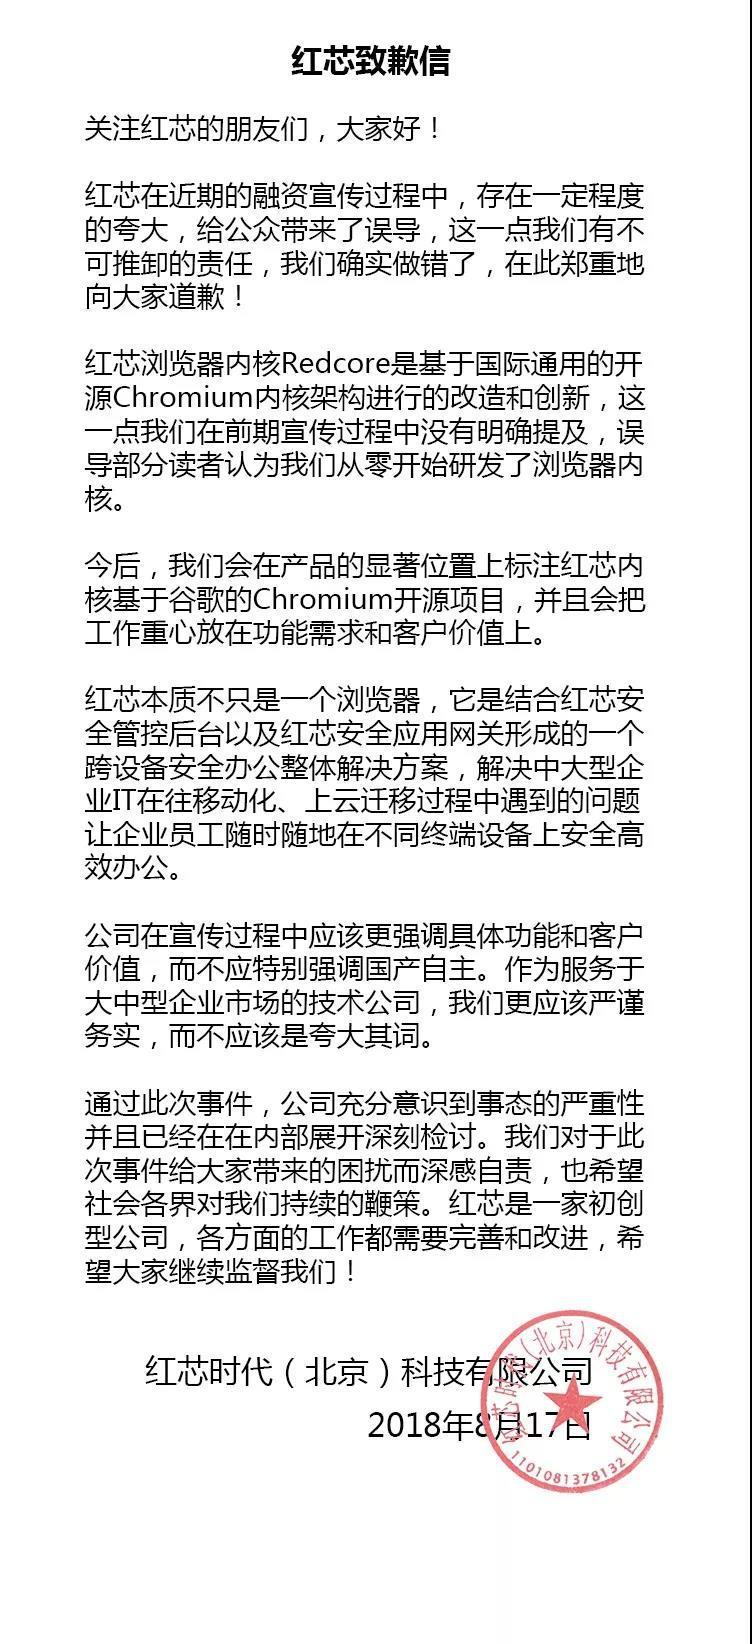 红芯浏览器致歉:宣传夸大 不应特别强调国产自主